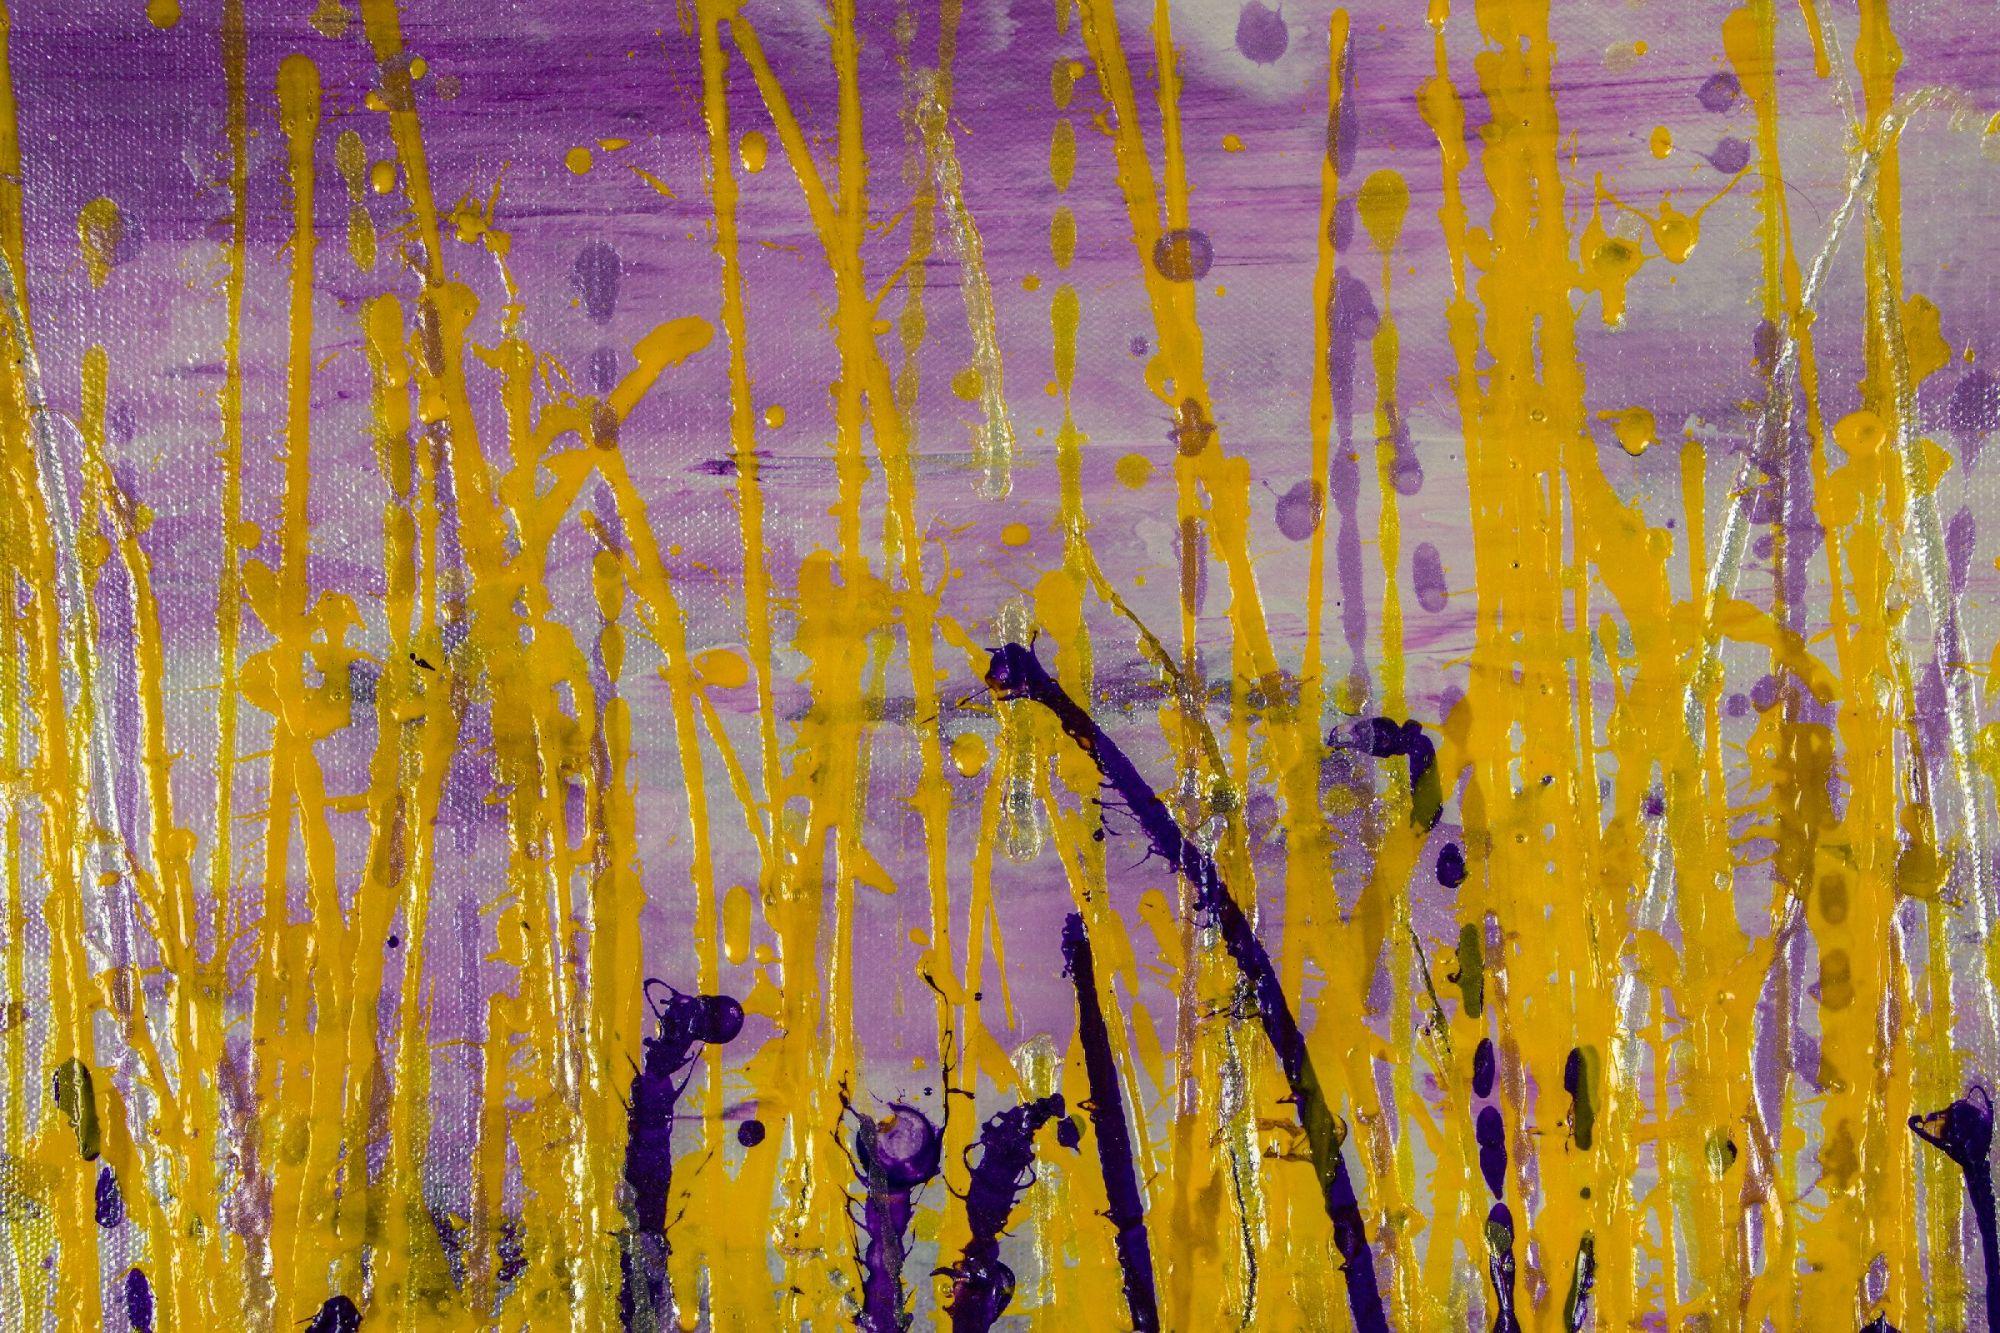 Garden In Motion 3 (Autumn) (2020) by Nestor Toro